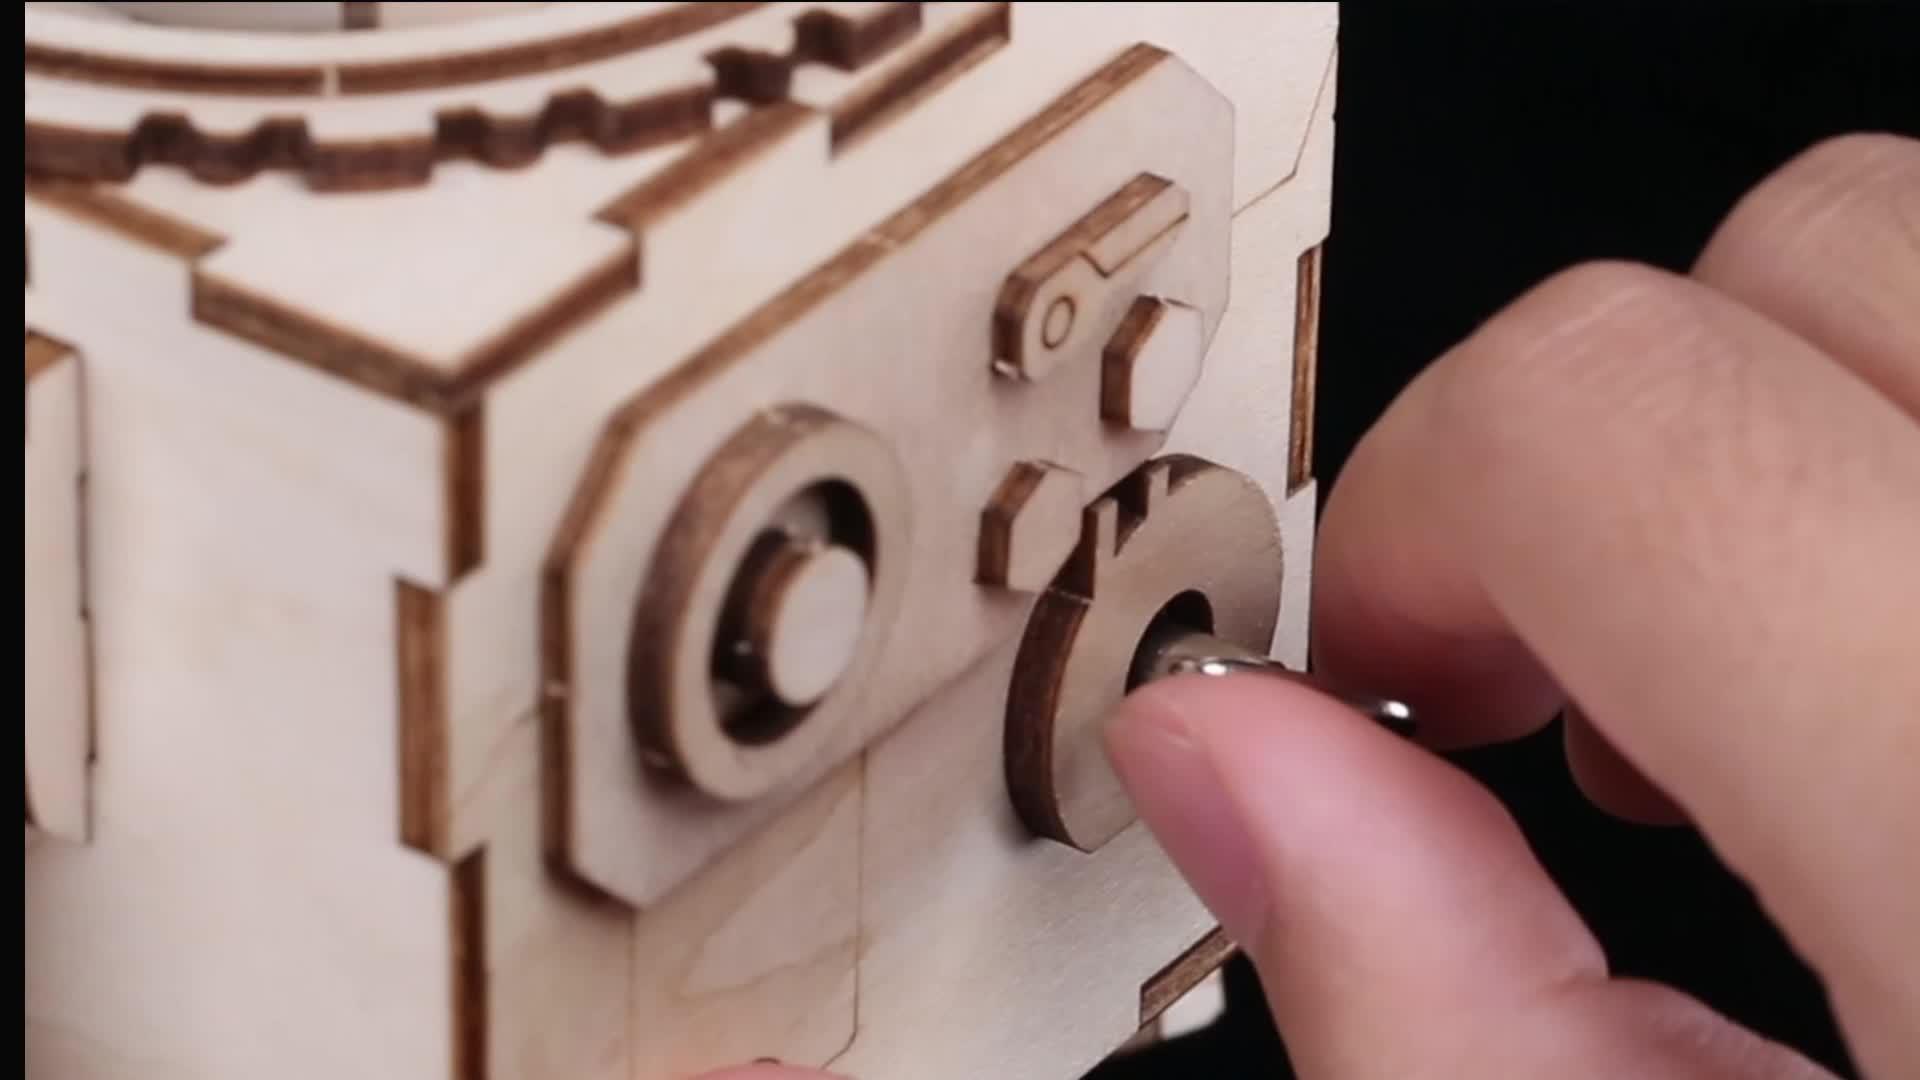 Pabrik Orpheus DIY Music Box Laser Cut 3D Puzzle Kayu